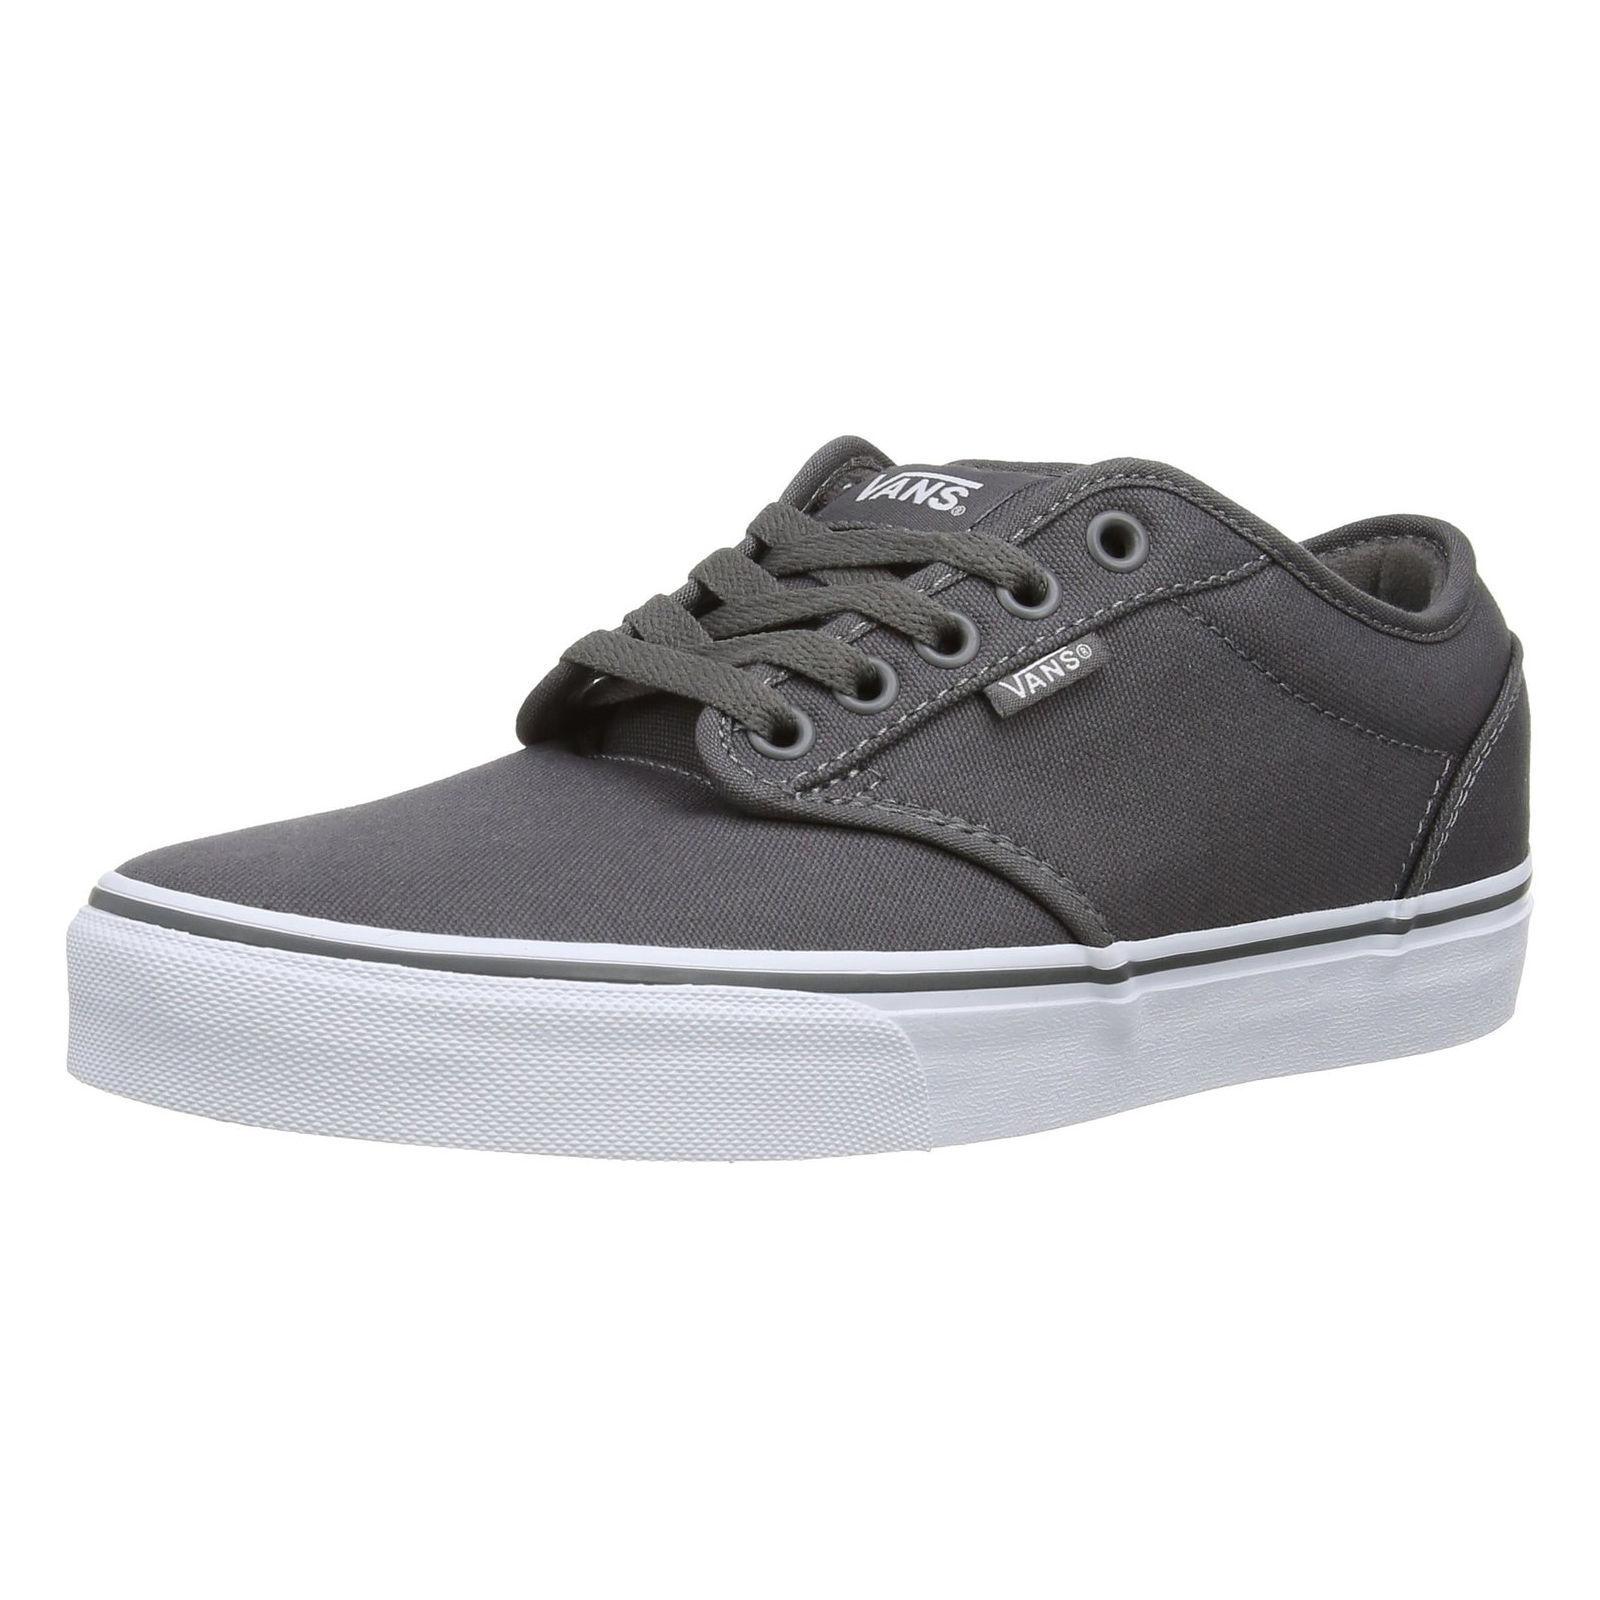 VANS Atwood Mens Lona Zapatillas Skater Liso Zapatos Con Cordones Plimsolls Gris Blanco